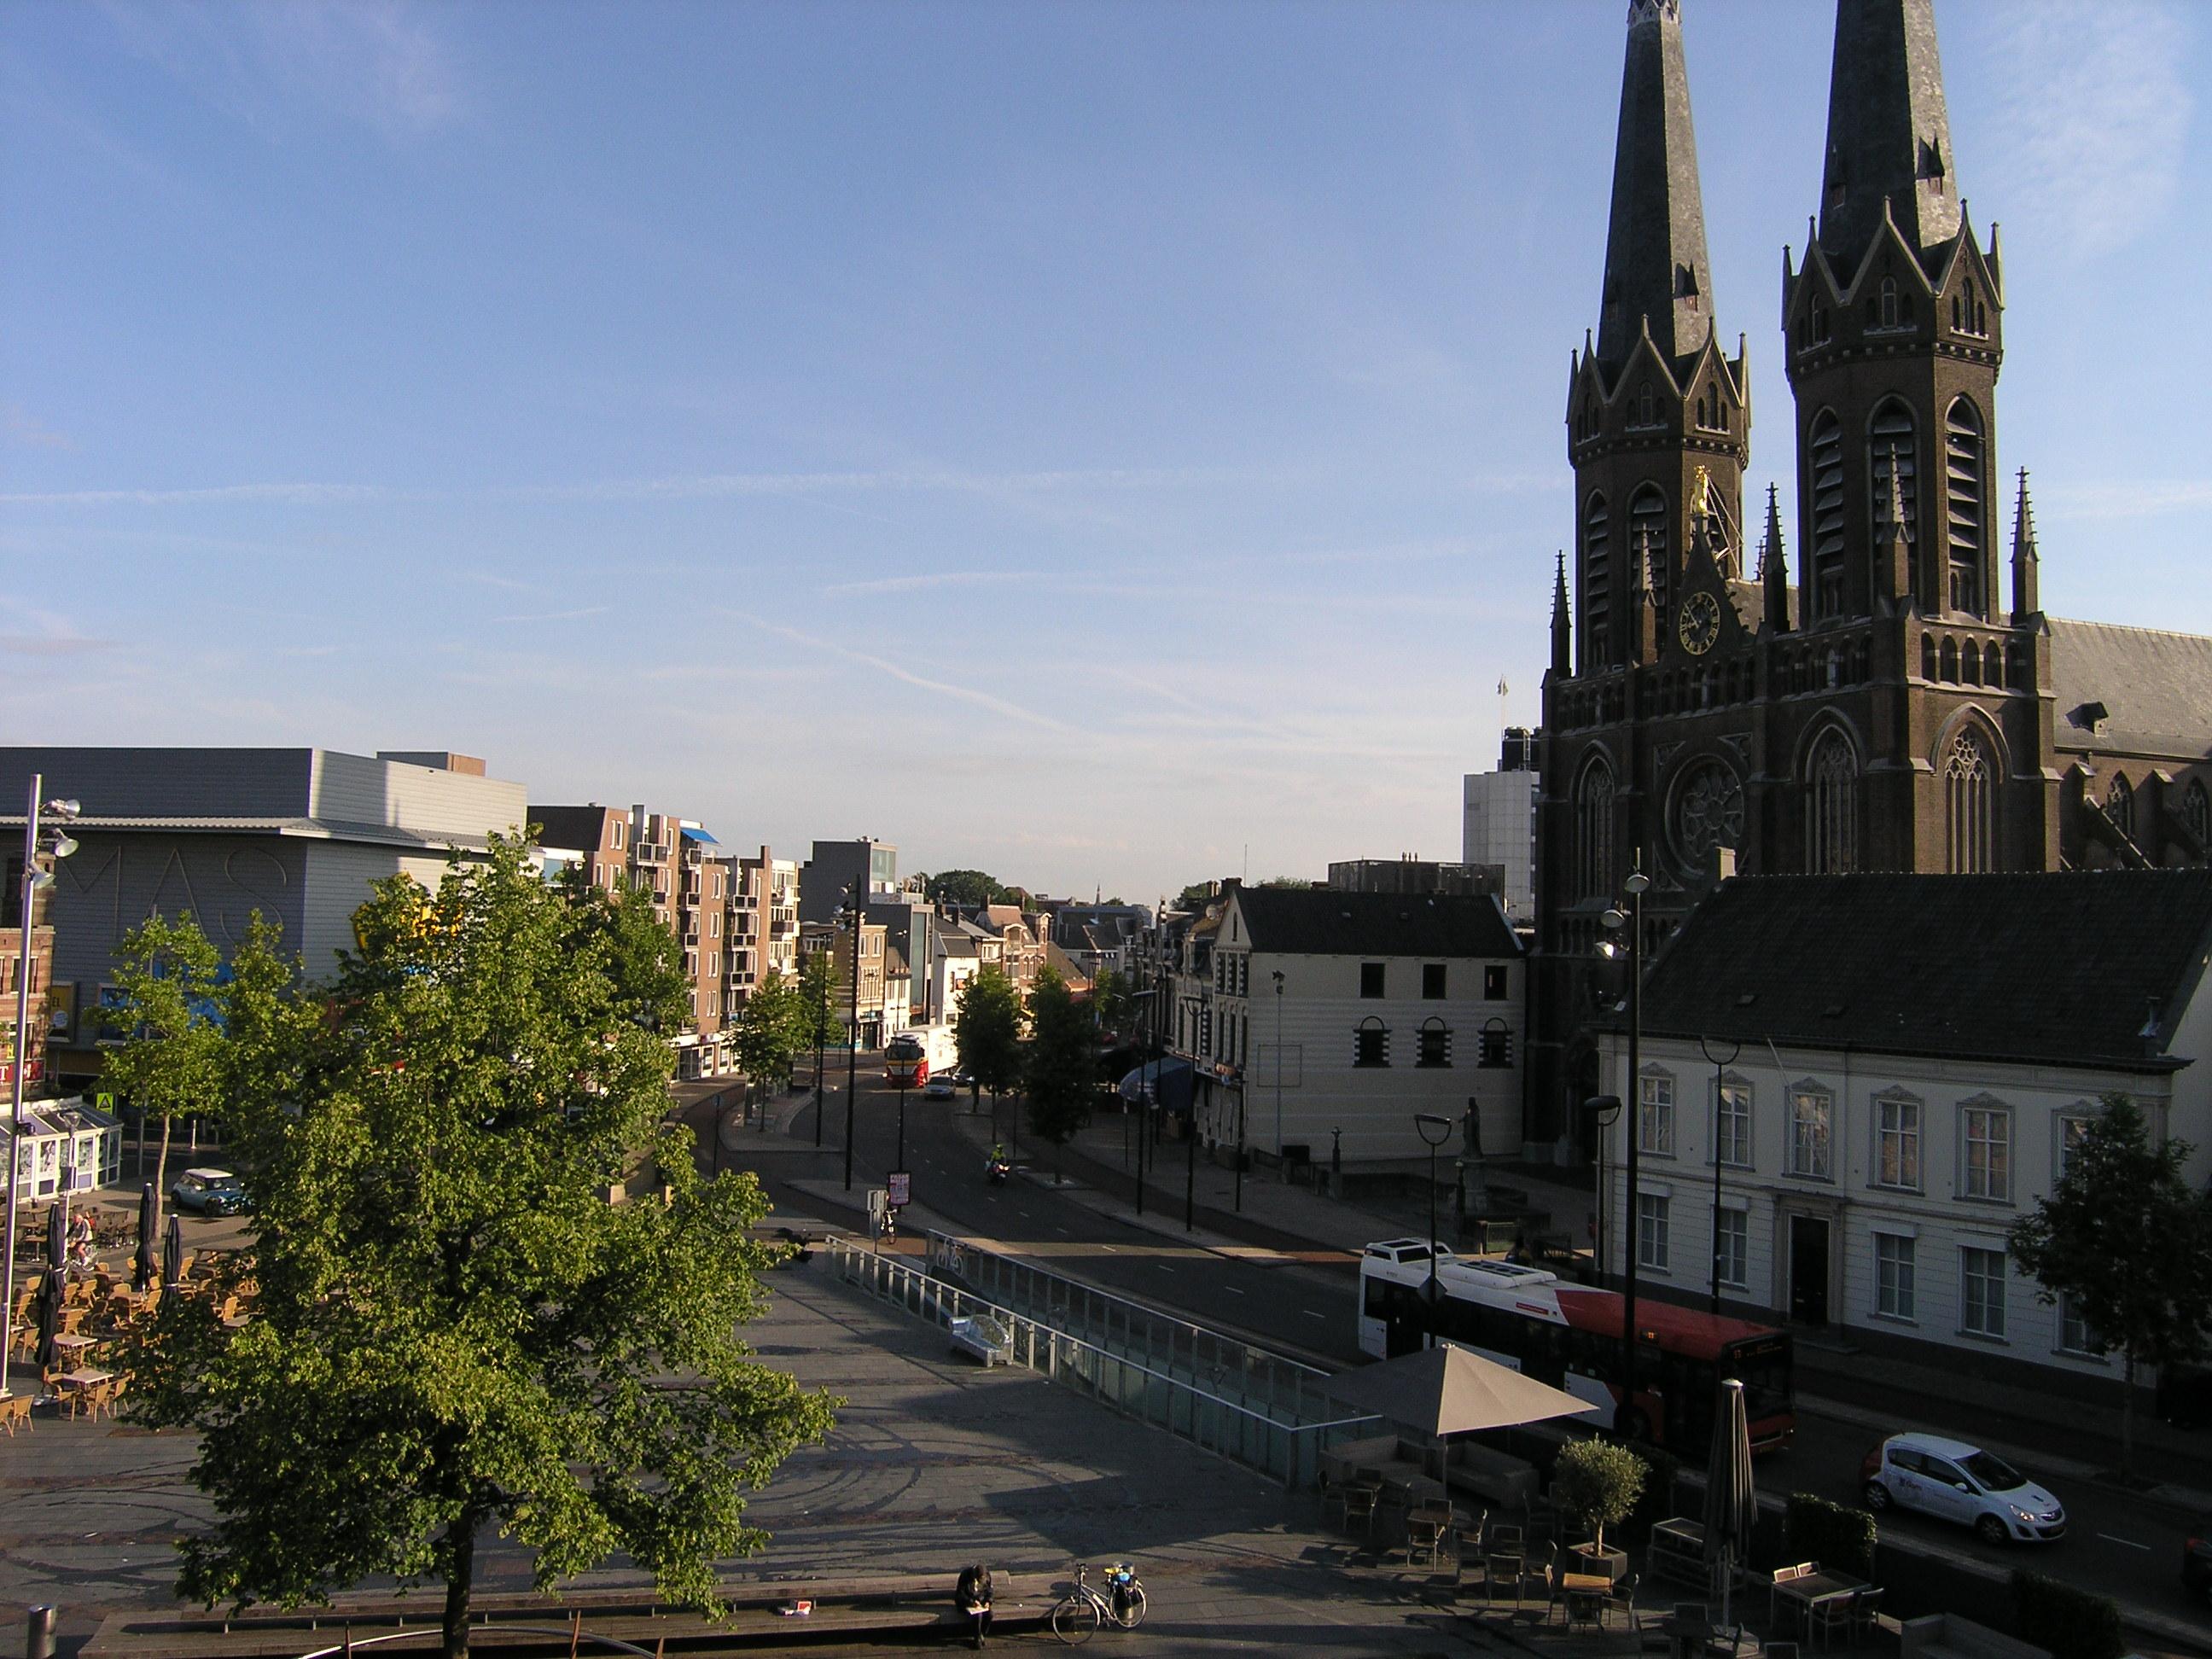 Wonen in Tilburg